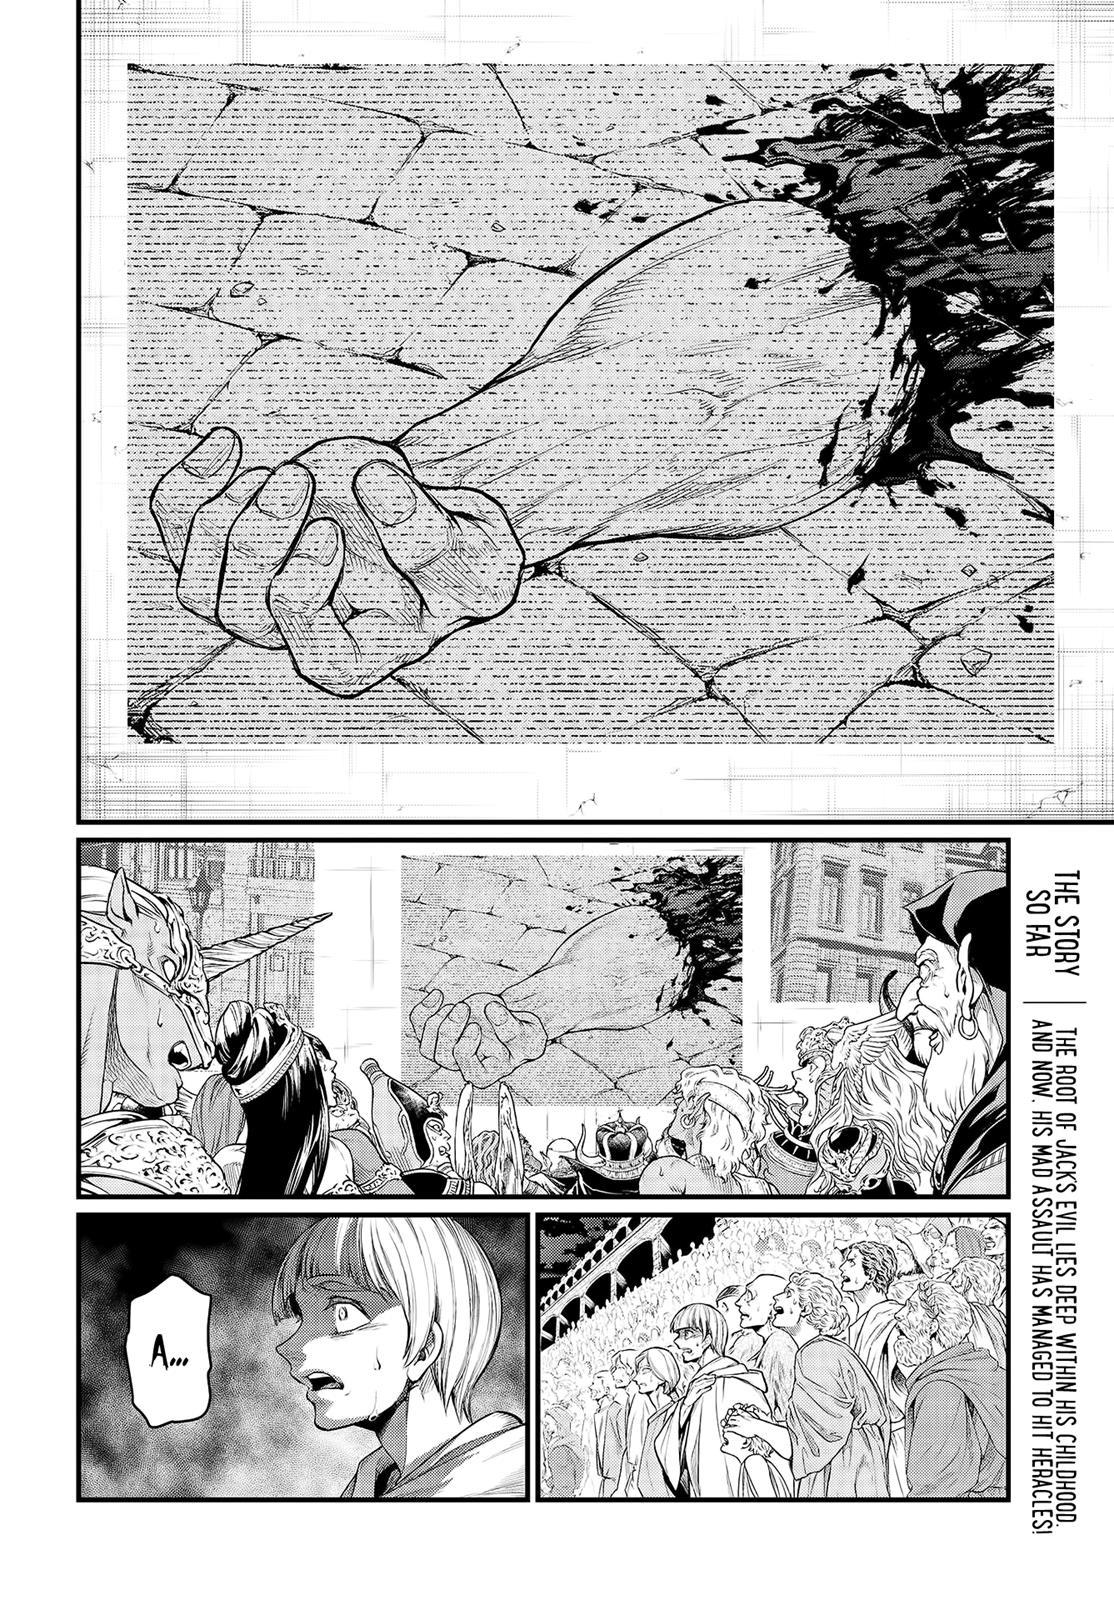 Shuumatsu no Valkyrie, Chapter 26 image 003